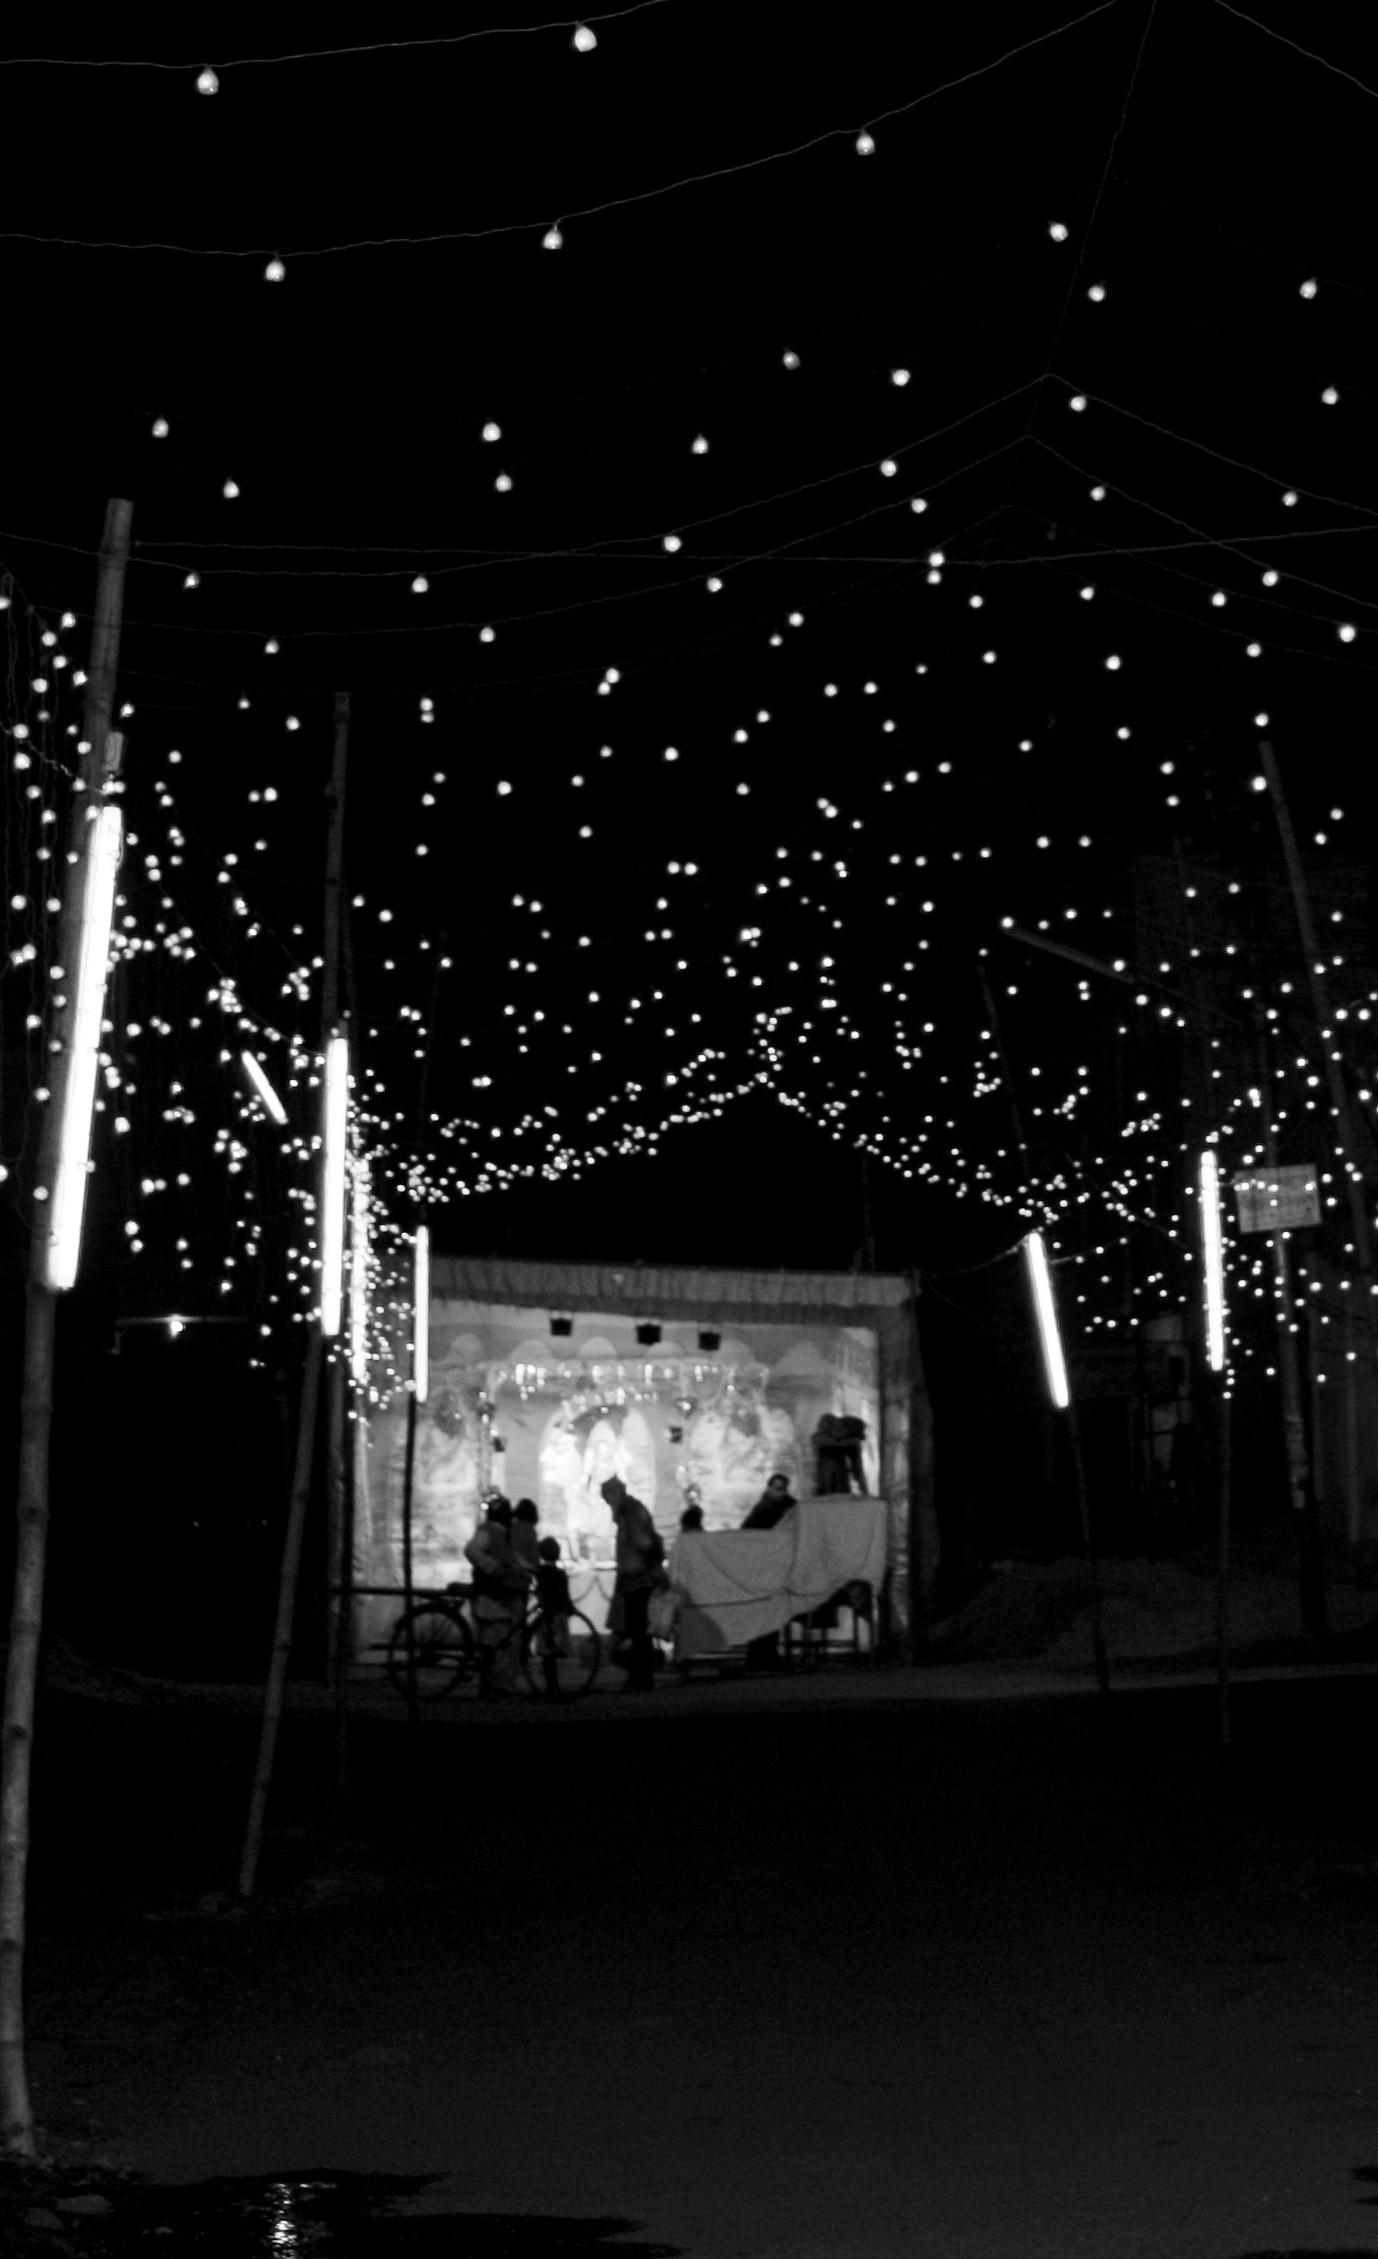 V39  Varanasi-35mm film